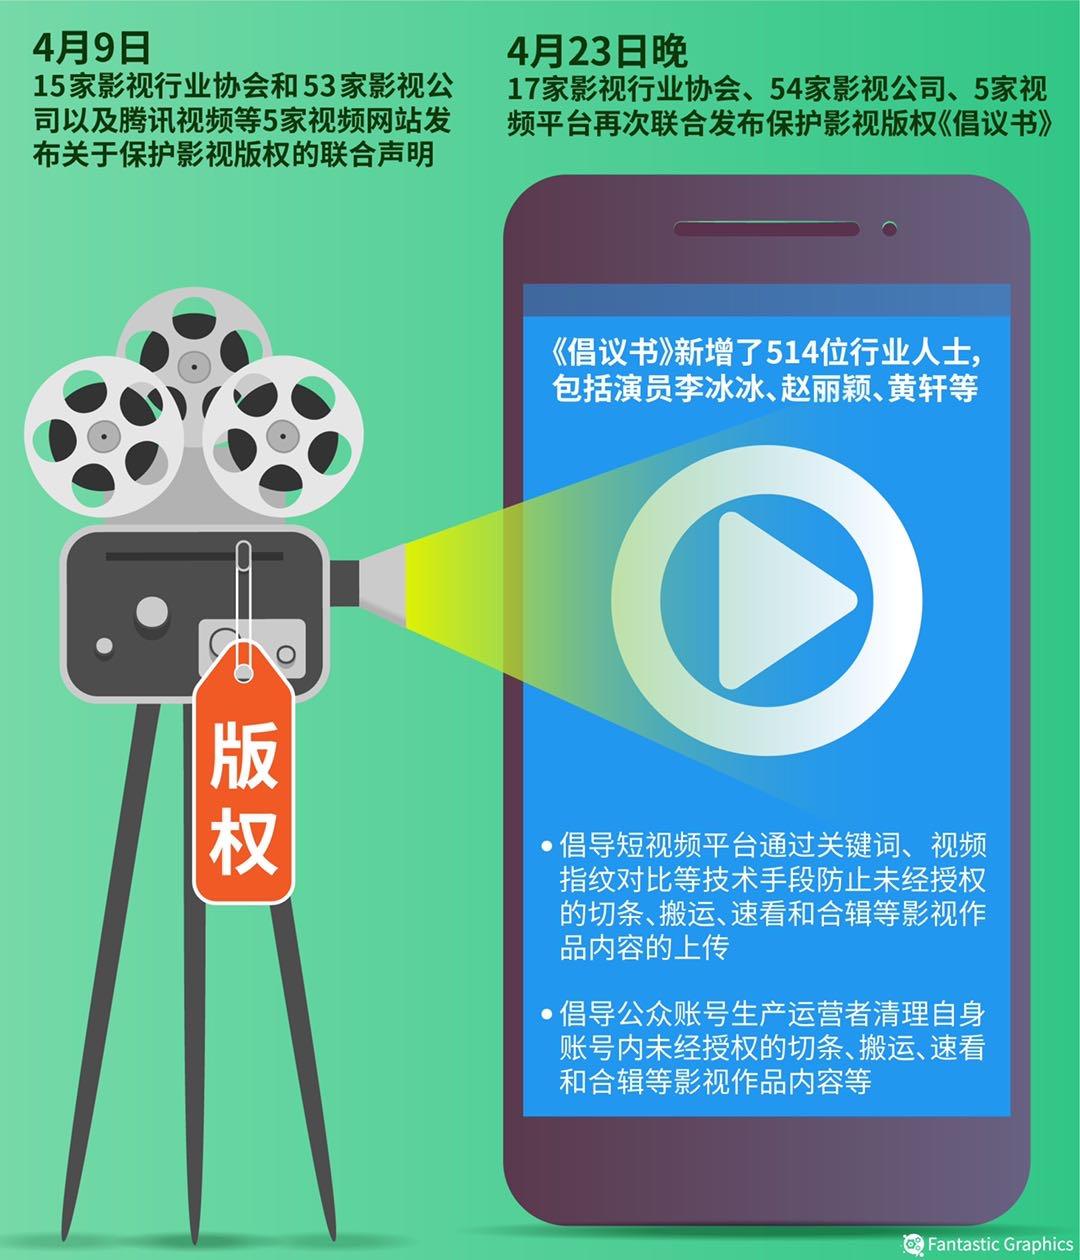 """怎样算侵权?平台有责任?难以维权? 三问""""短视频侵权"""" 作者:南方周末记者 曹颖"""